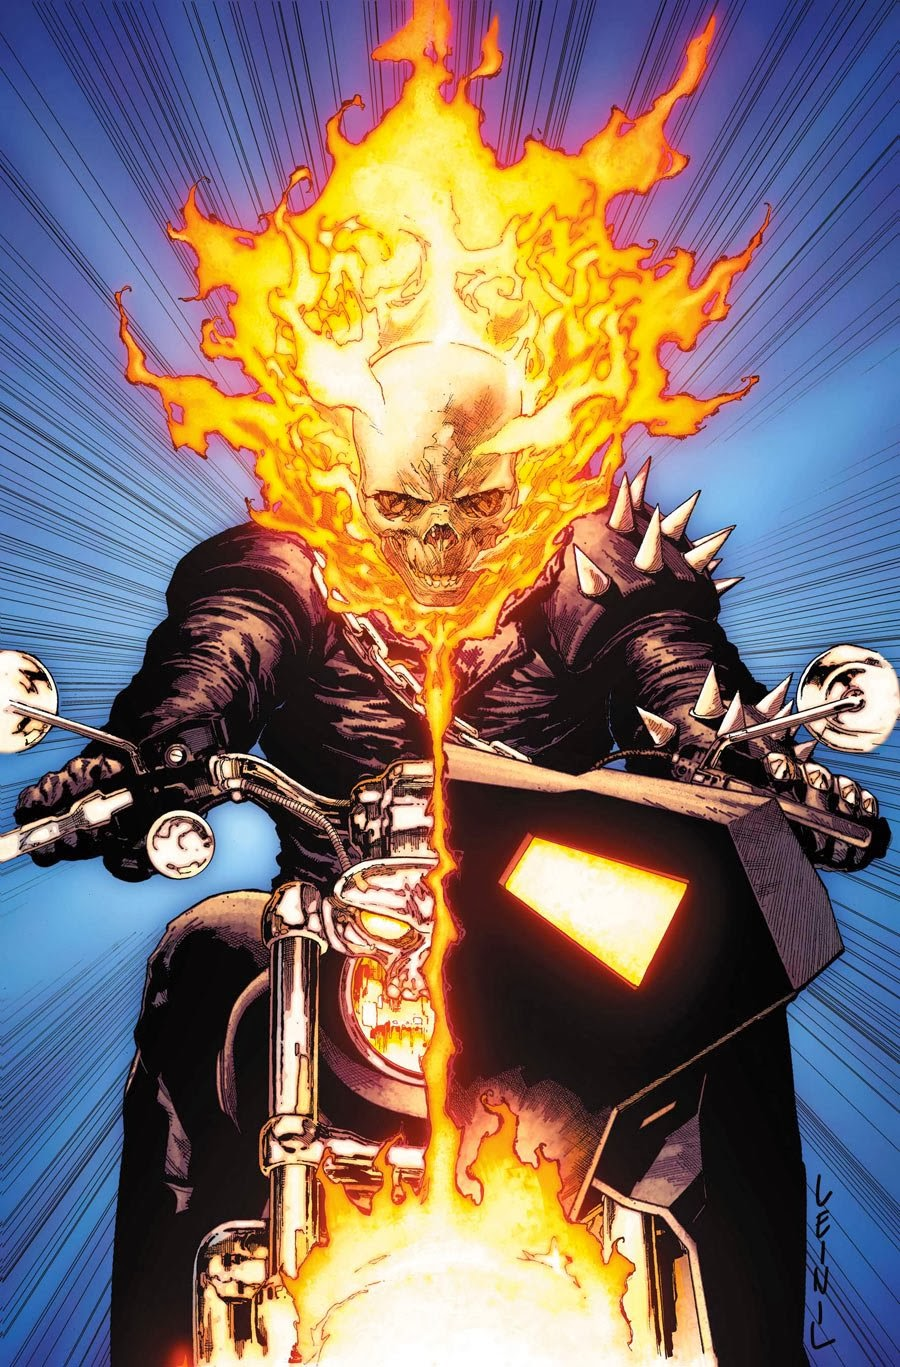 Tutte le moto di Ghost Rider All Ghost Rider Bikes